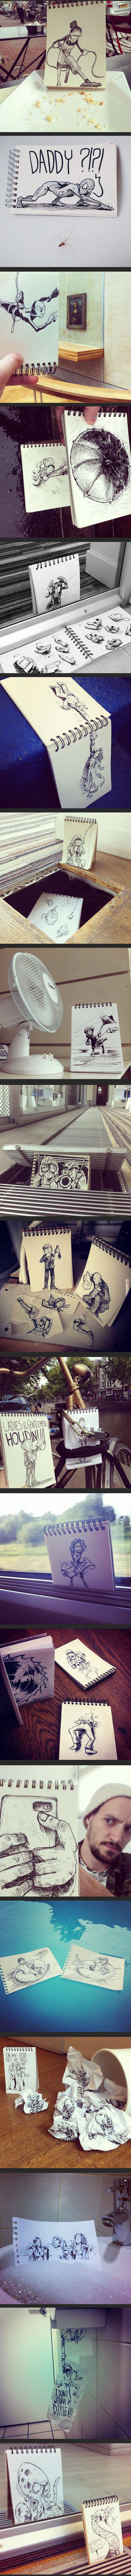 Doodle art by David Troquier